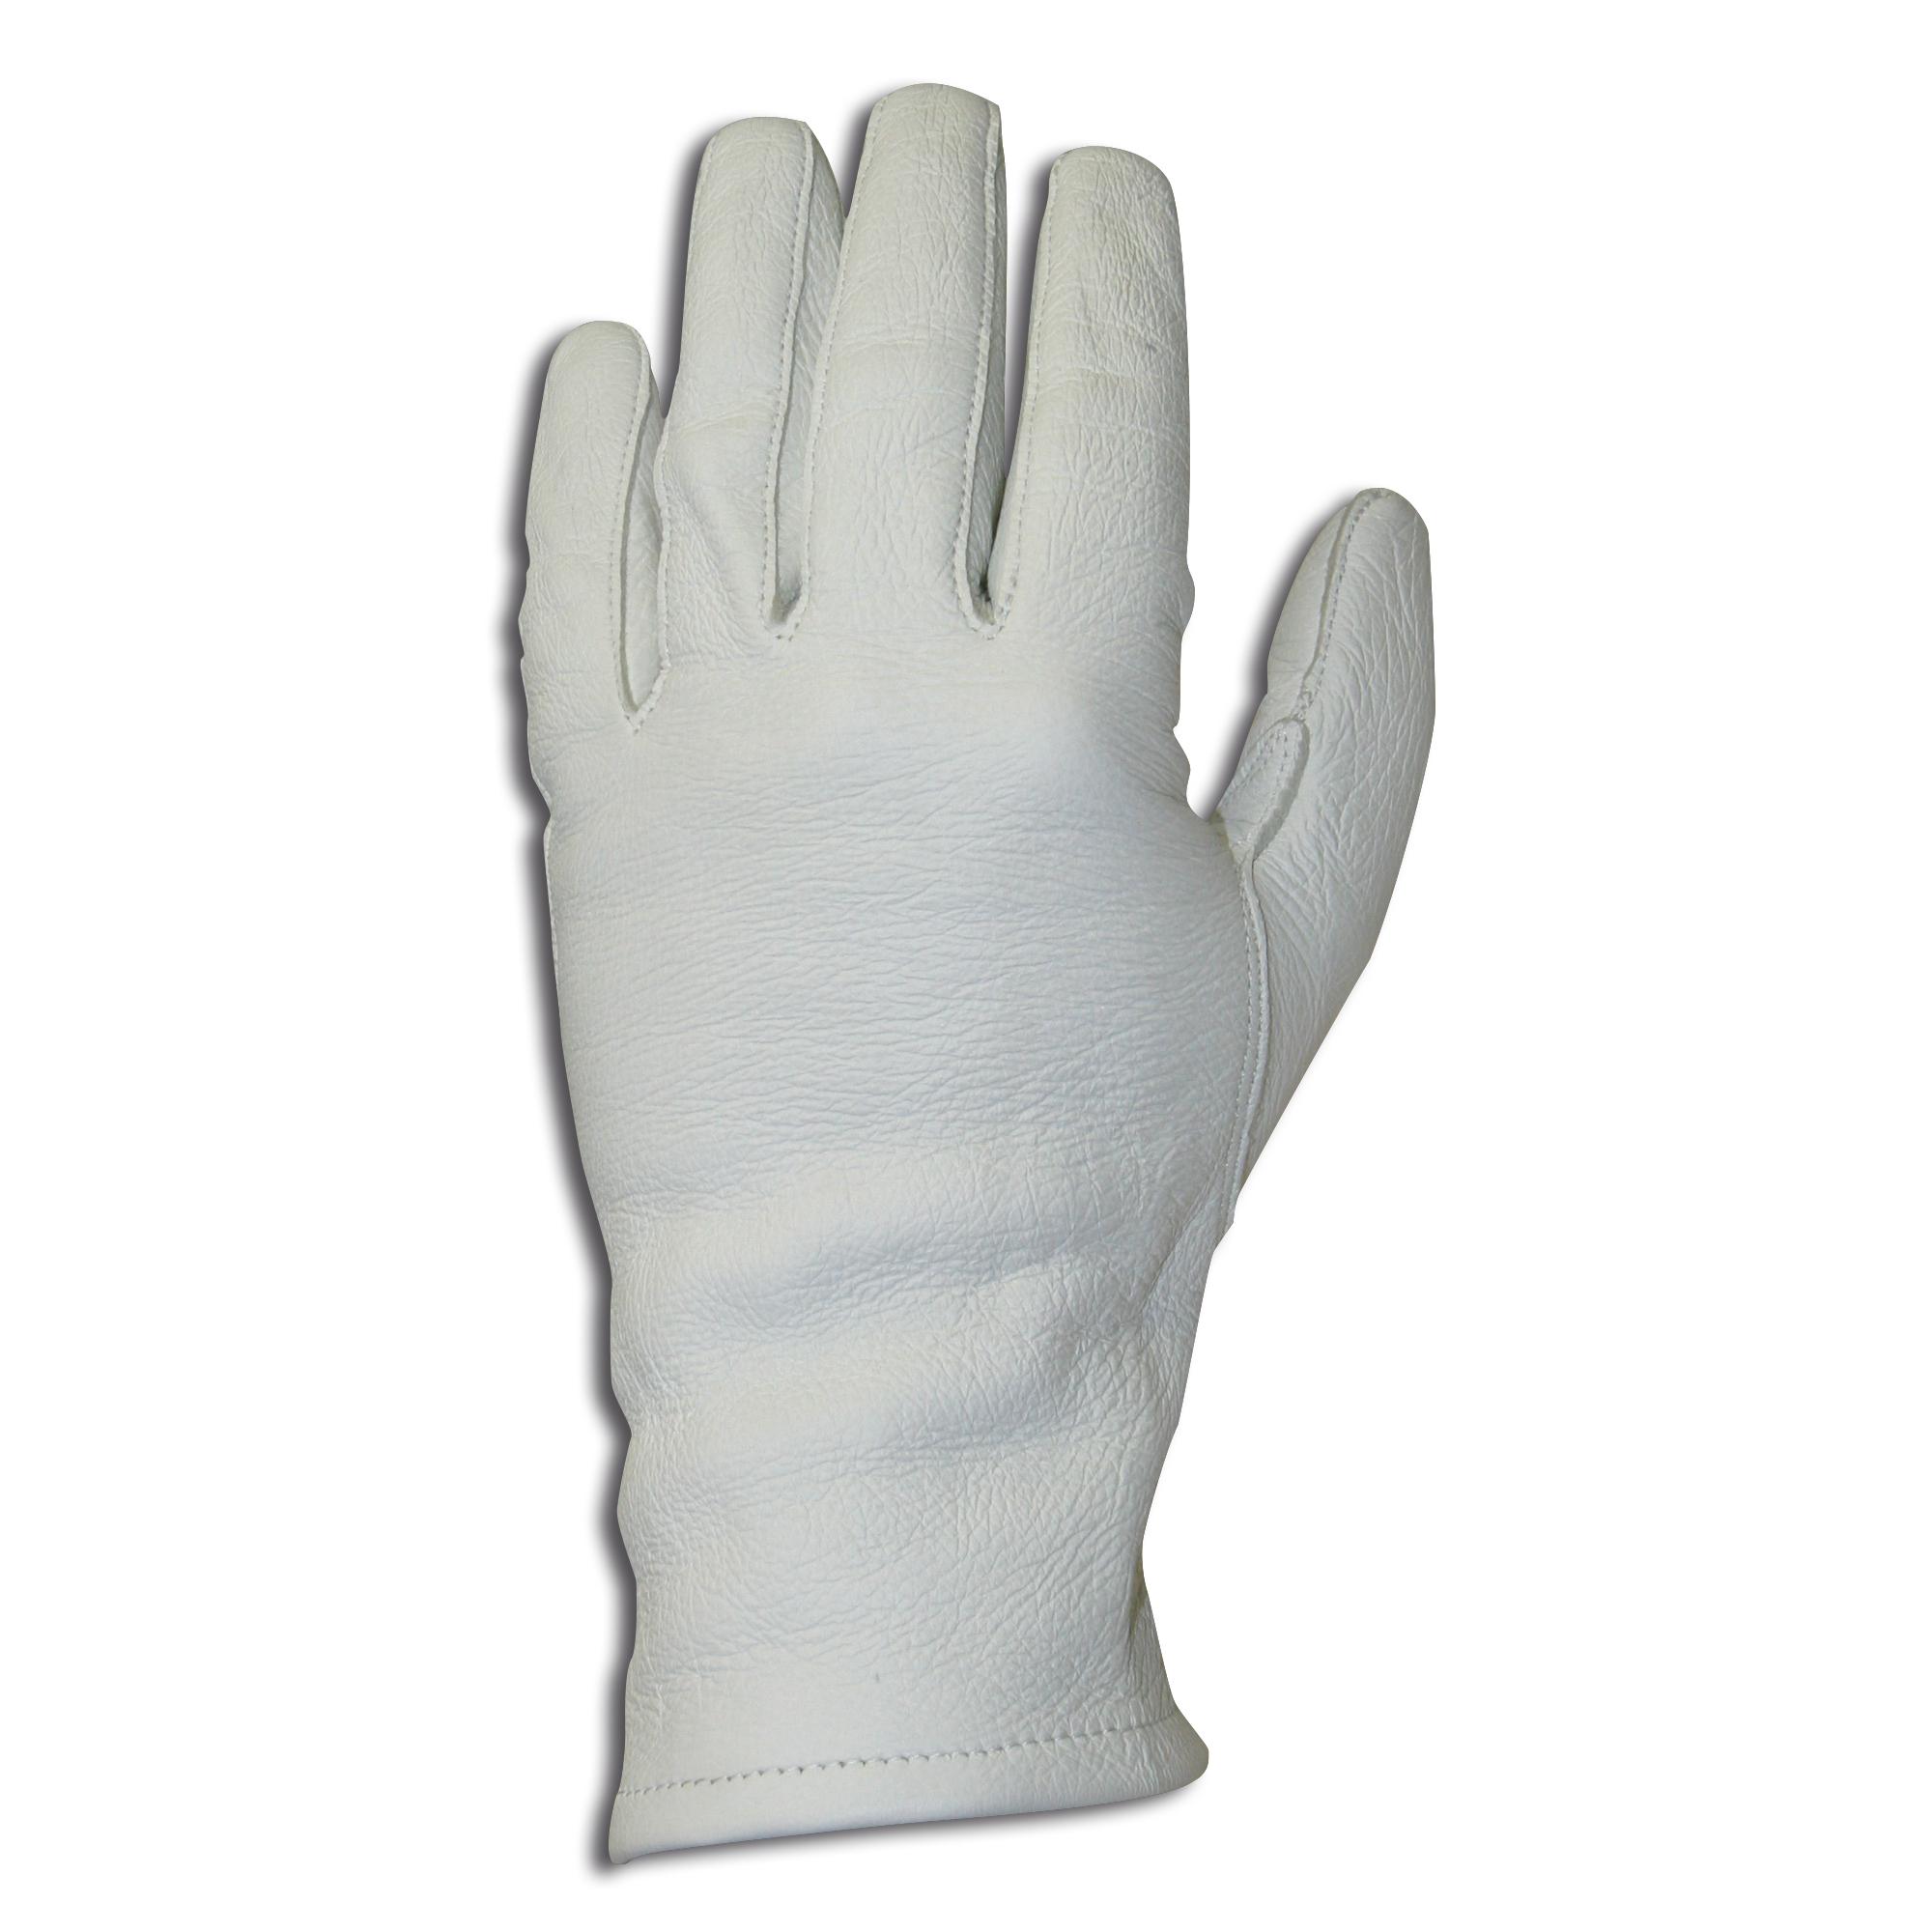 BW Paradehandschuhe Leder weiß gebraucht